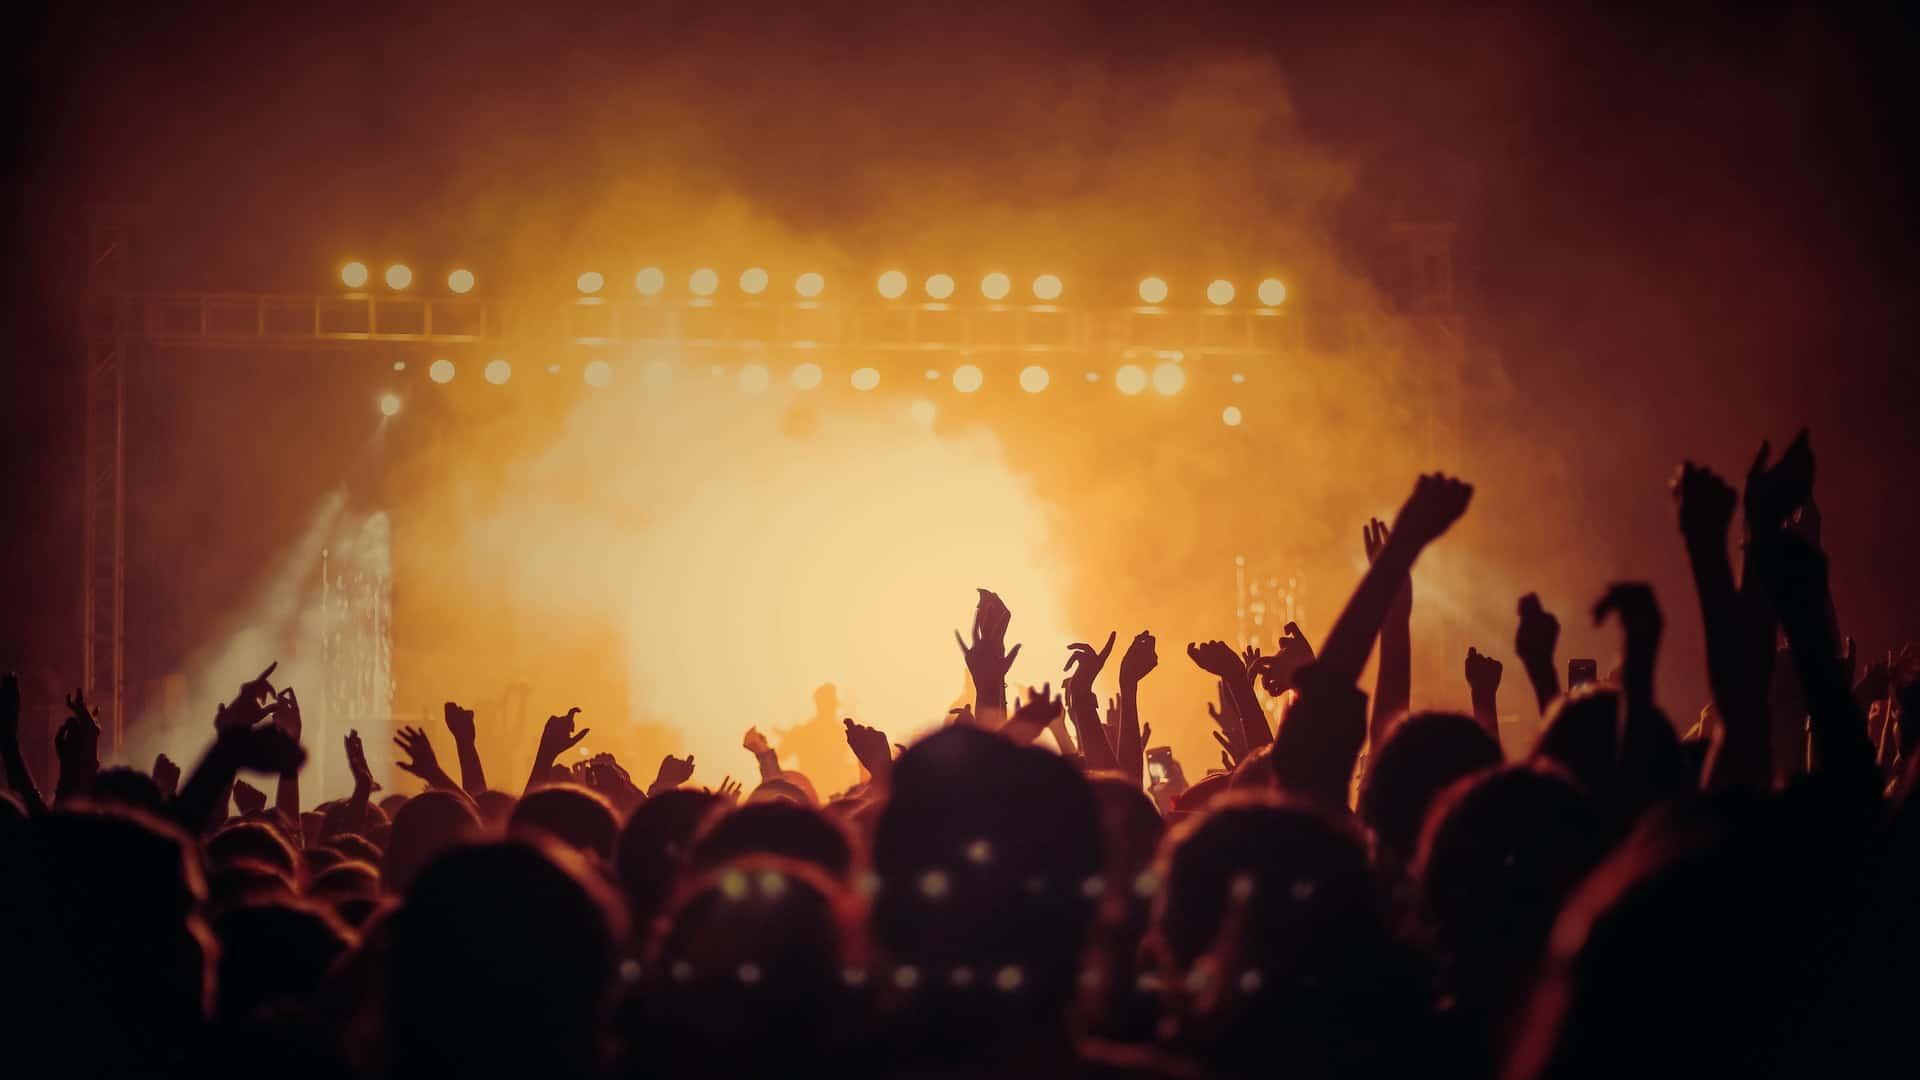 pvc musikfestival orange scene